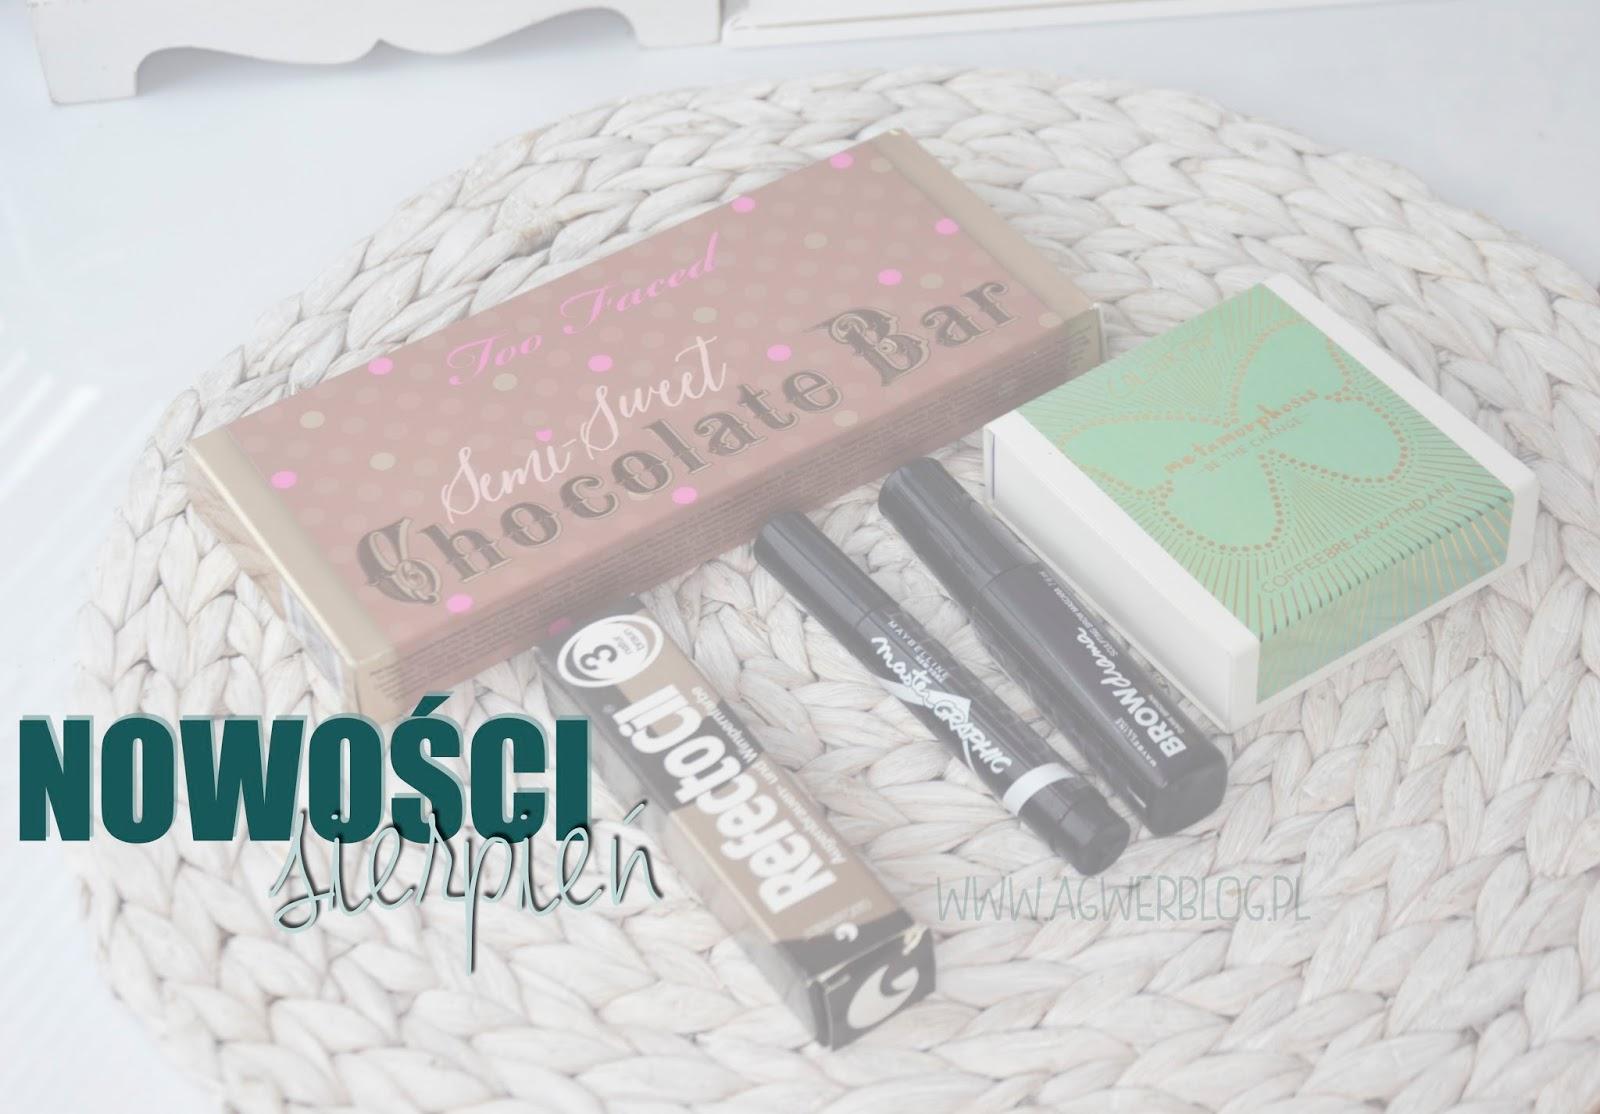 Kosmetyczne nowości | sierpień 2015